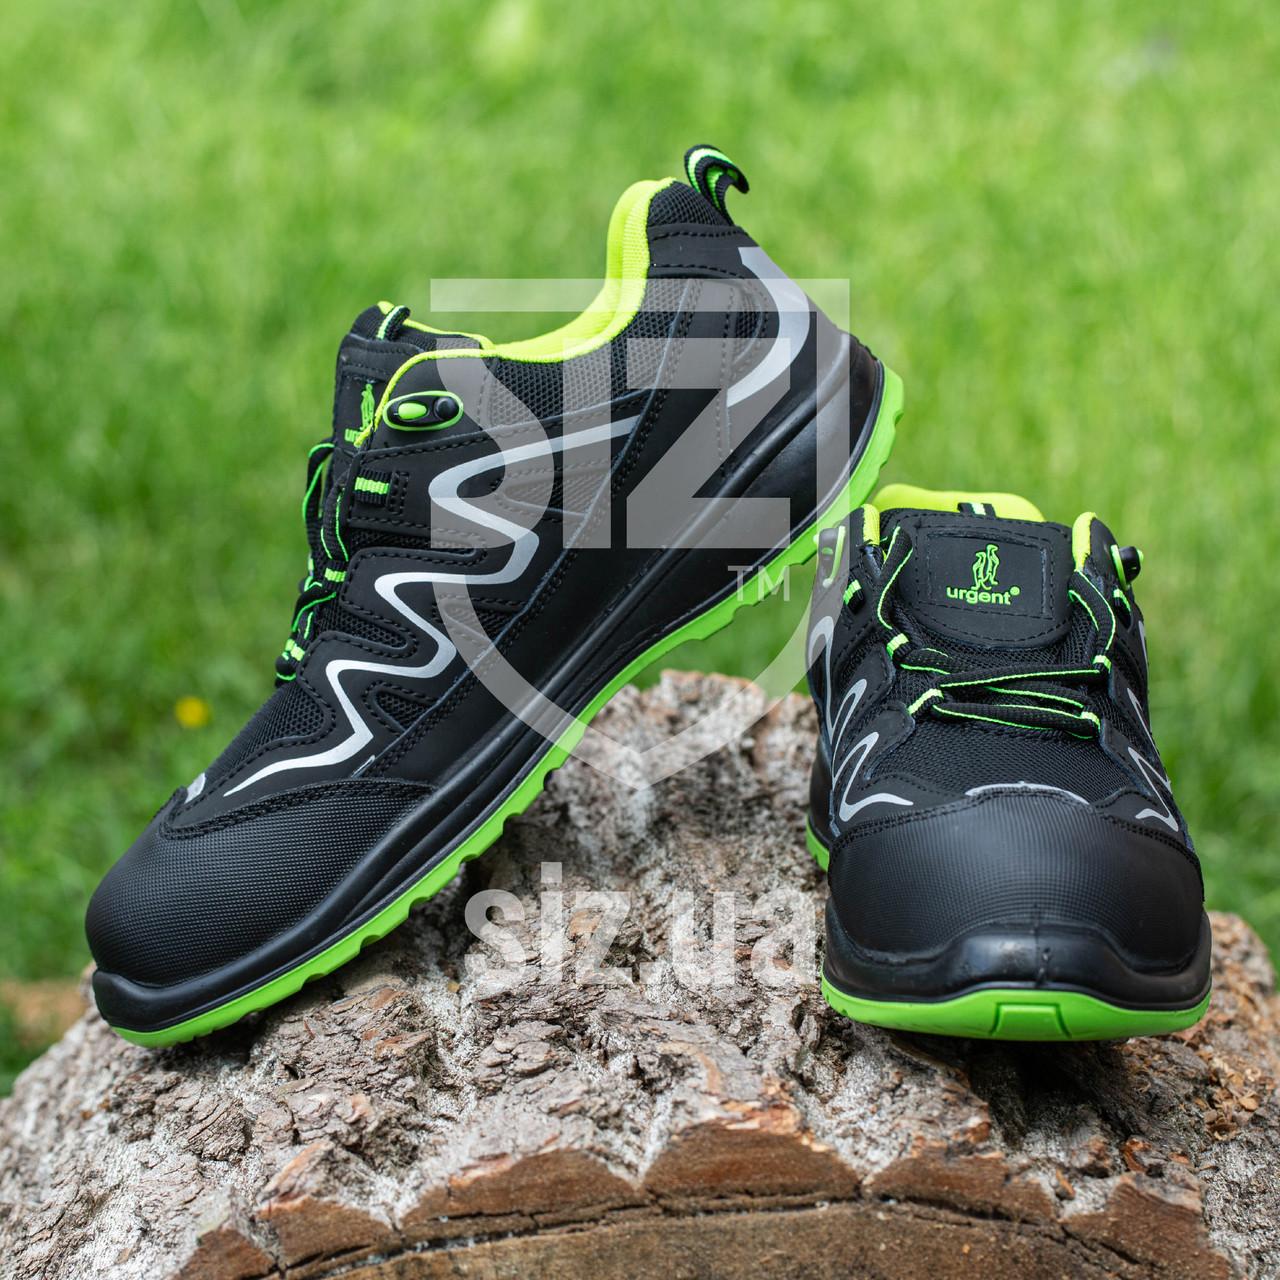 Обувь 224 S1 защитная с металлическим носком, закрытой пяткой, антистатические  Urgent (POLAND)